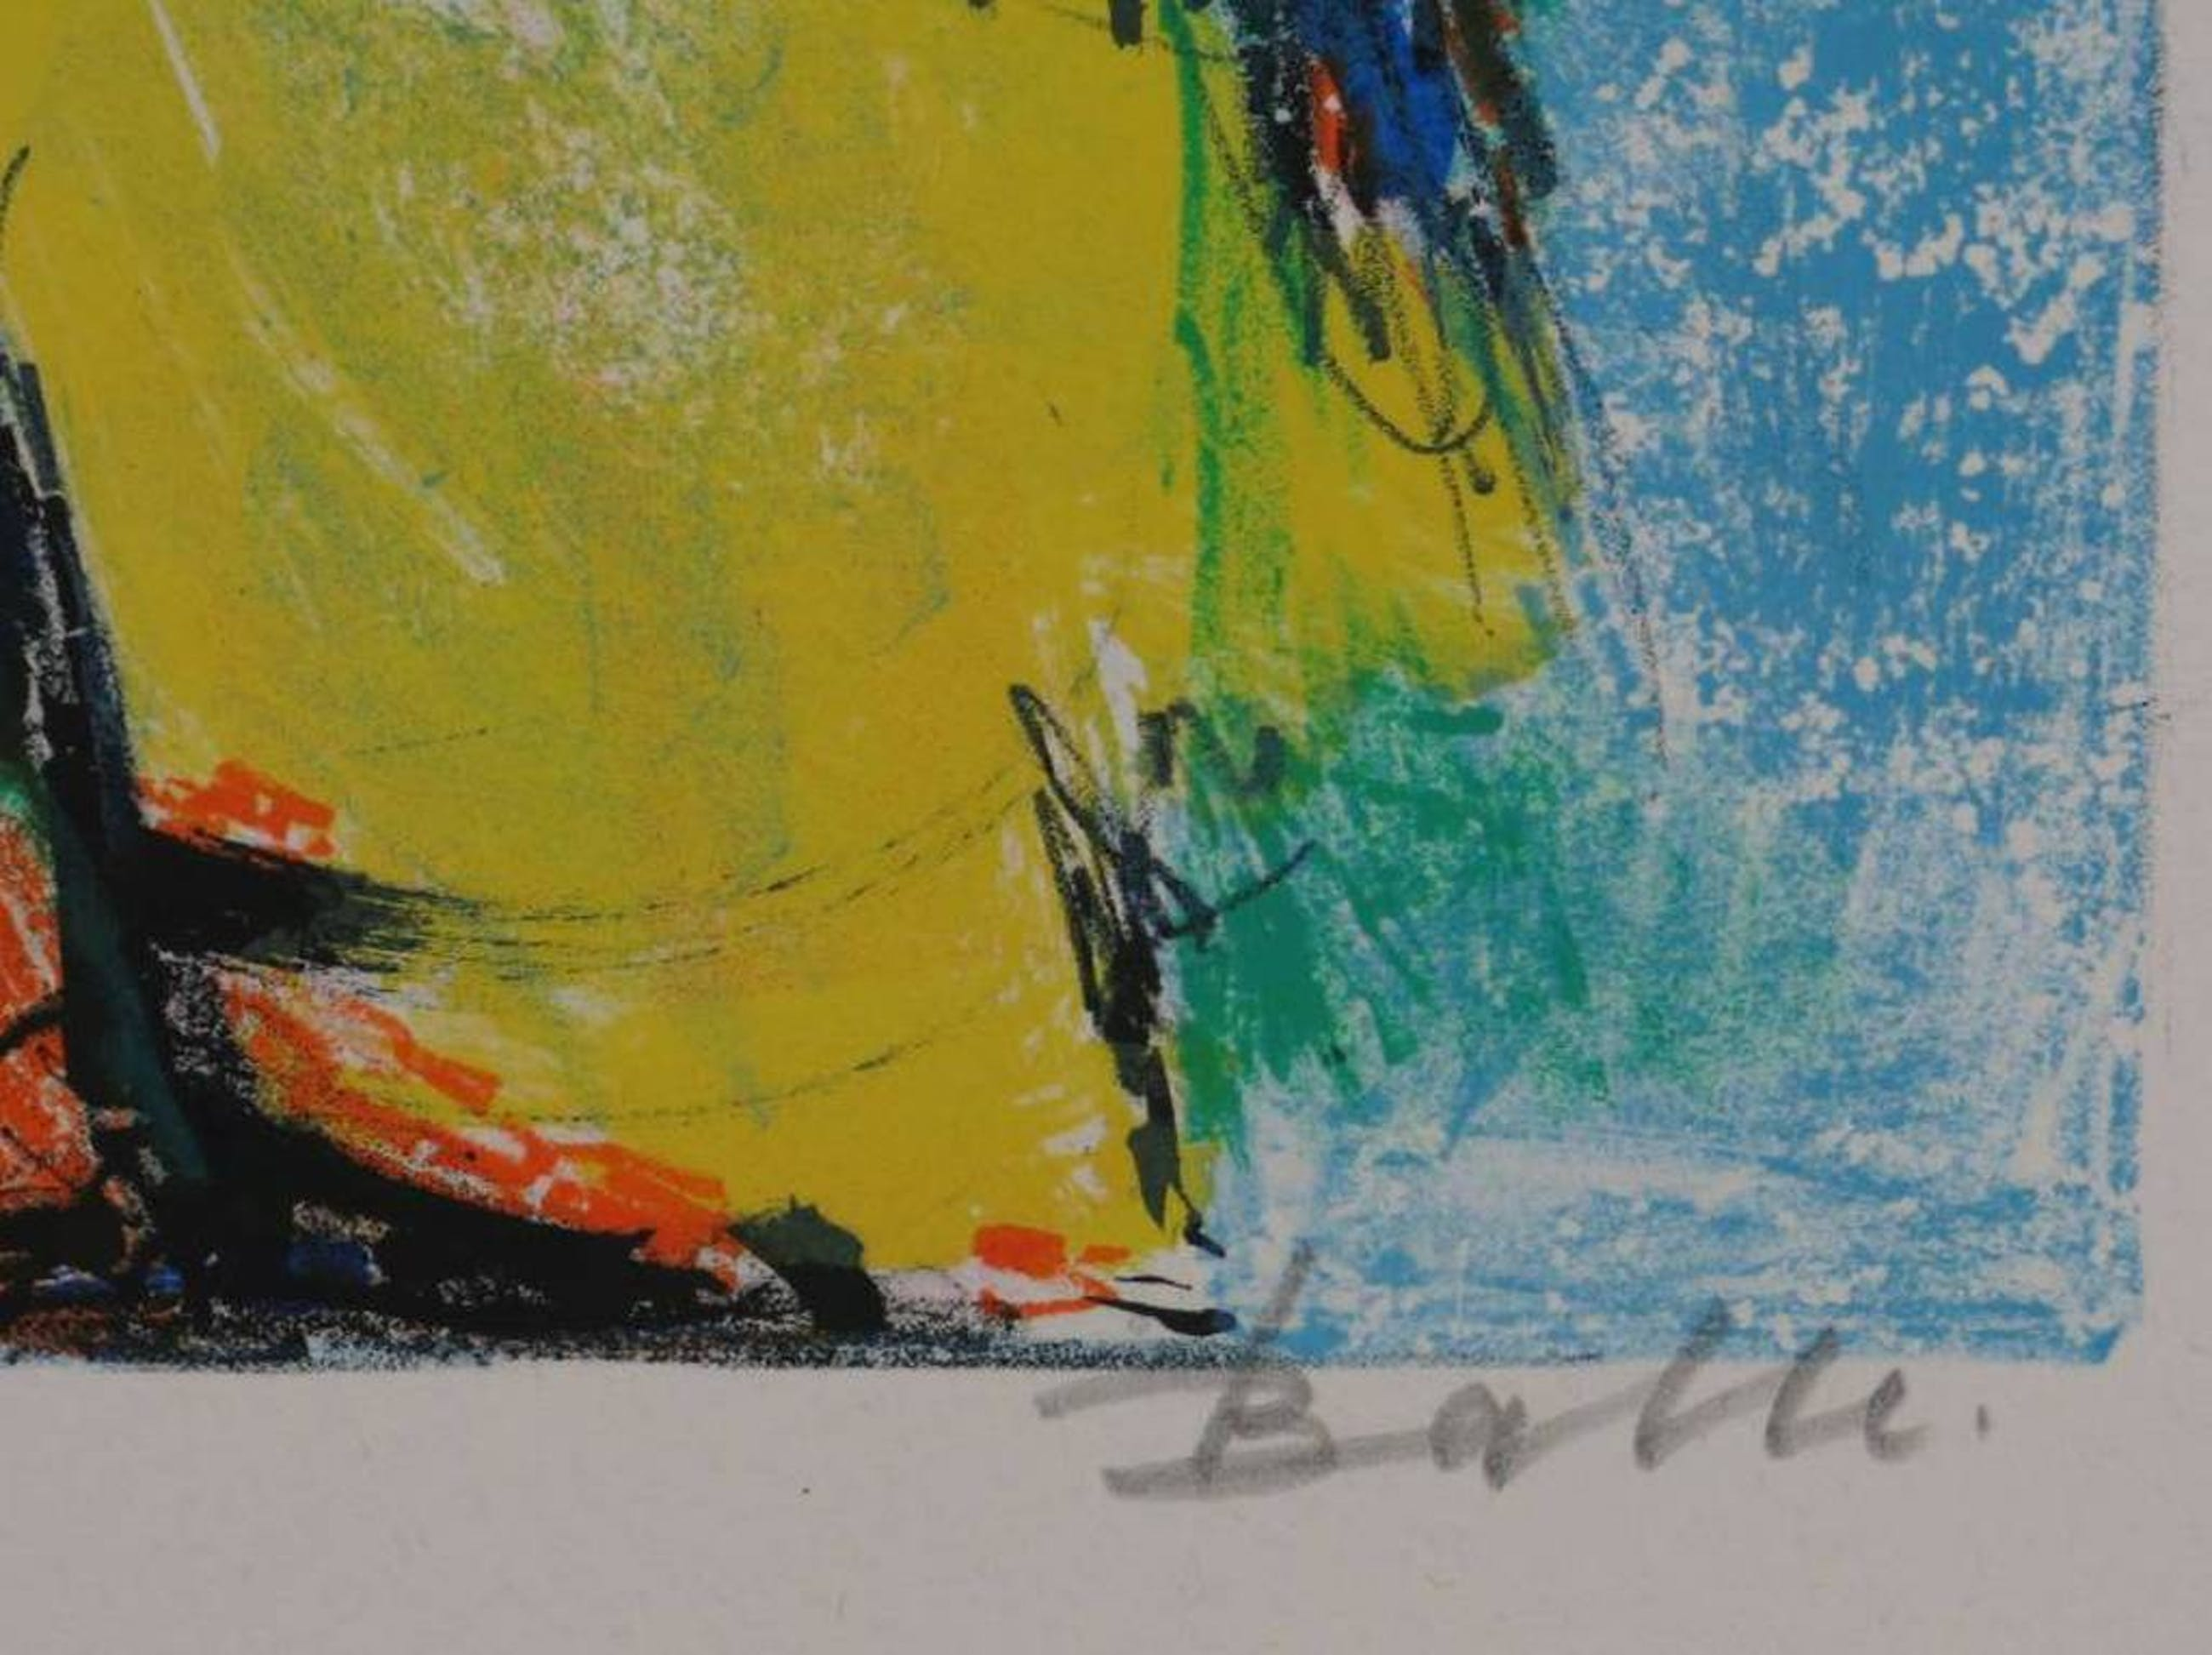 Morgens Balle: Kleurenlitho, Fantasiefiguren (CoBrA) kopen? Bied vanaf 70!